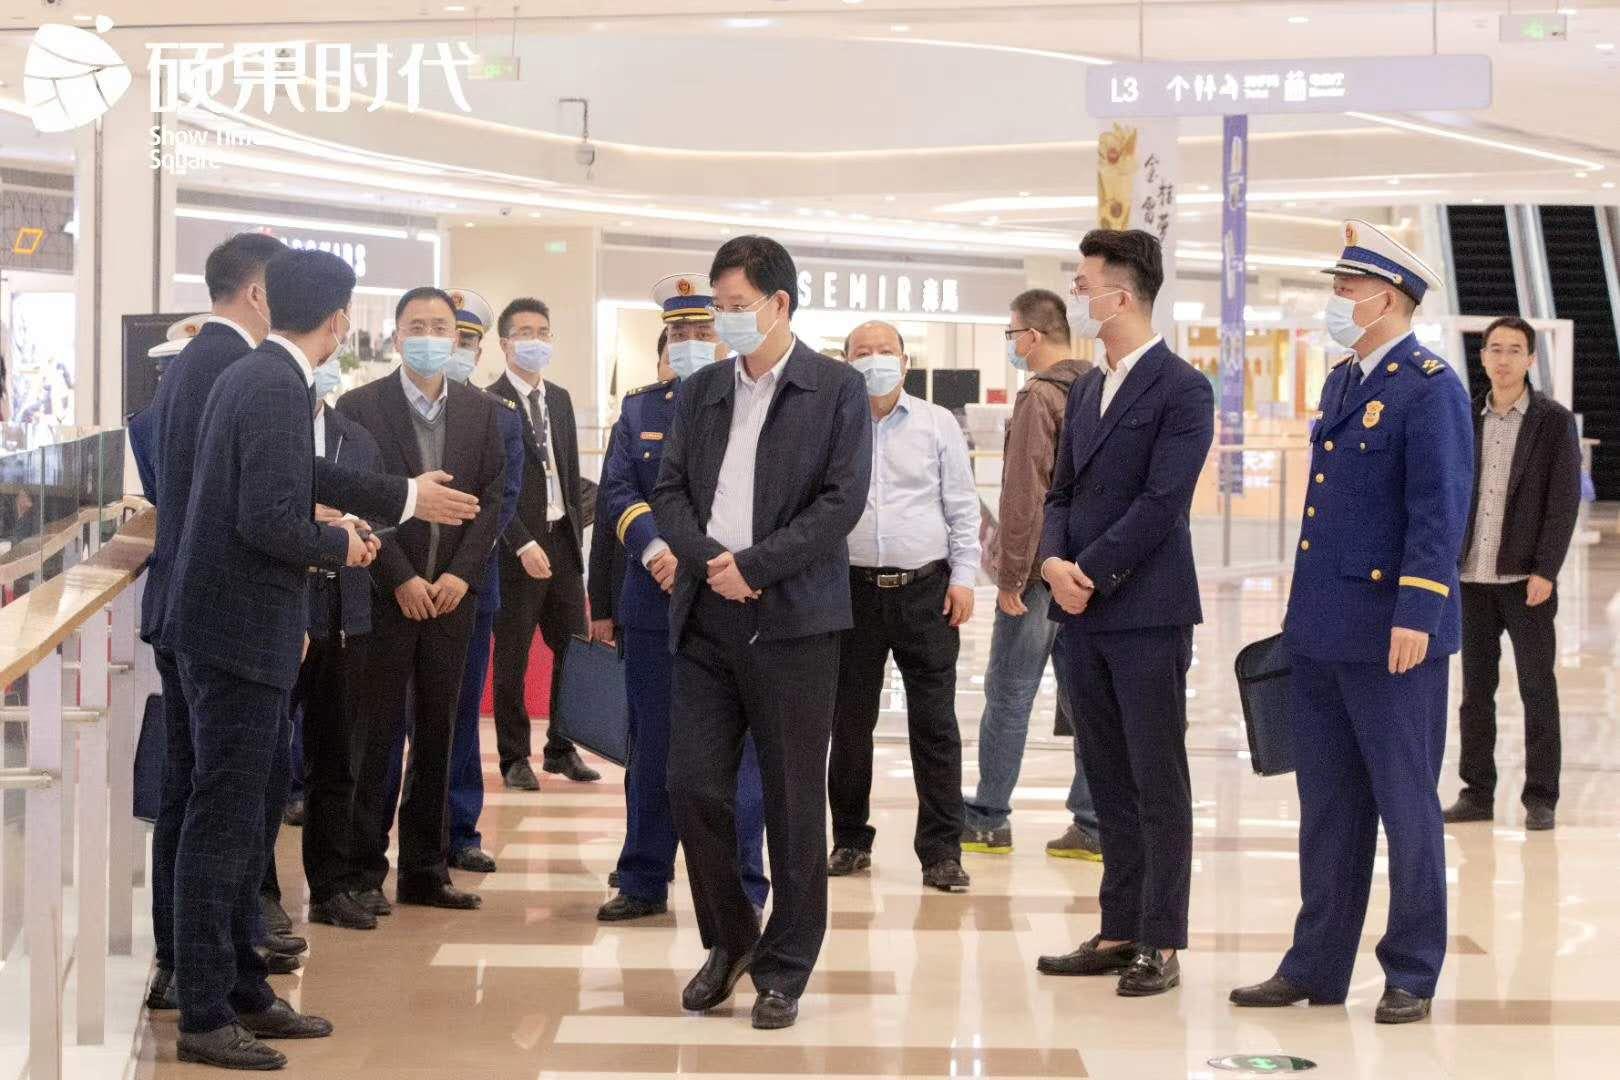 抚州市市委秘书长、副市长谭小平一行莅临硕果时代购物中心